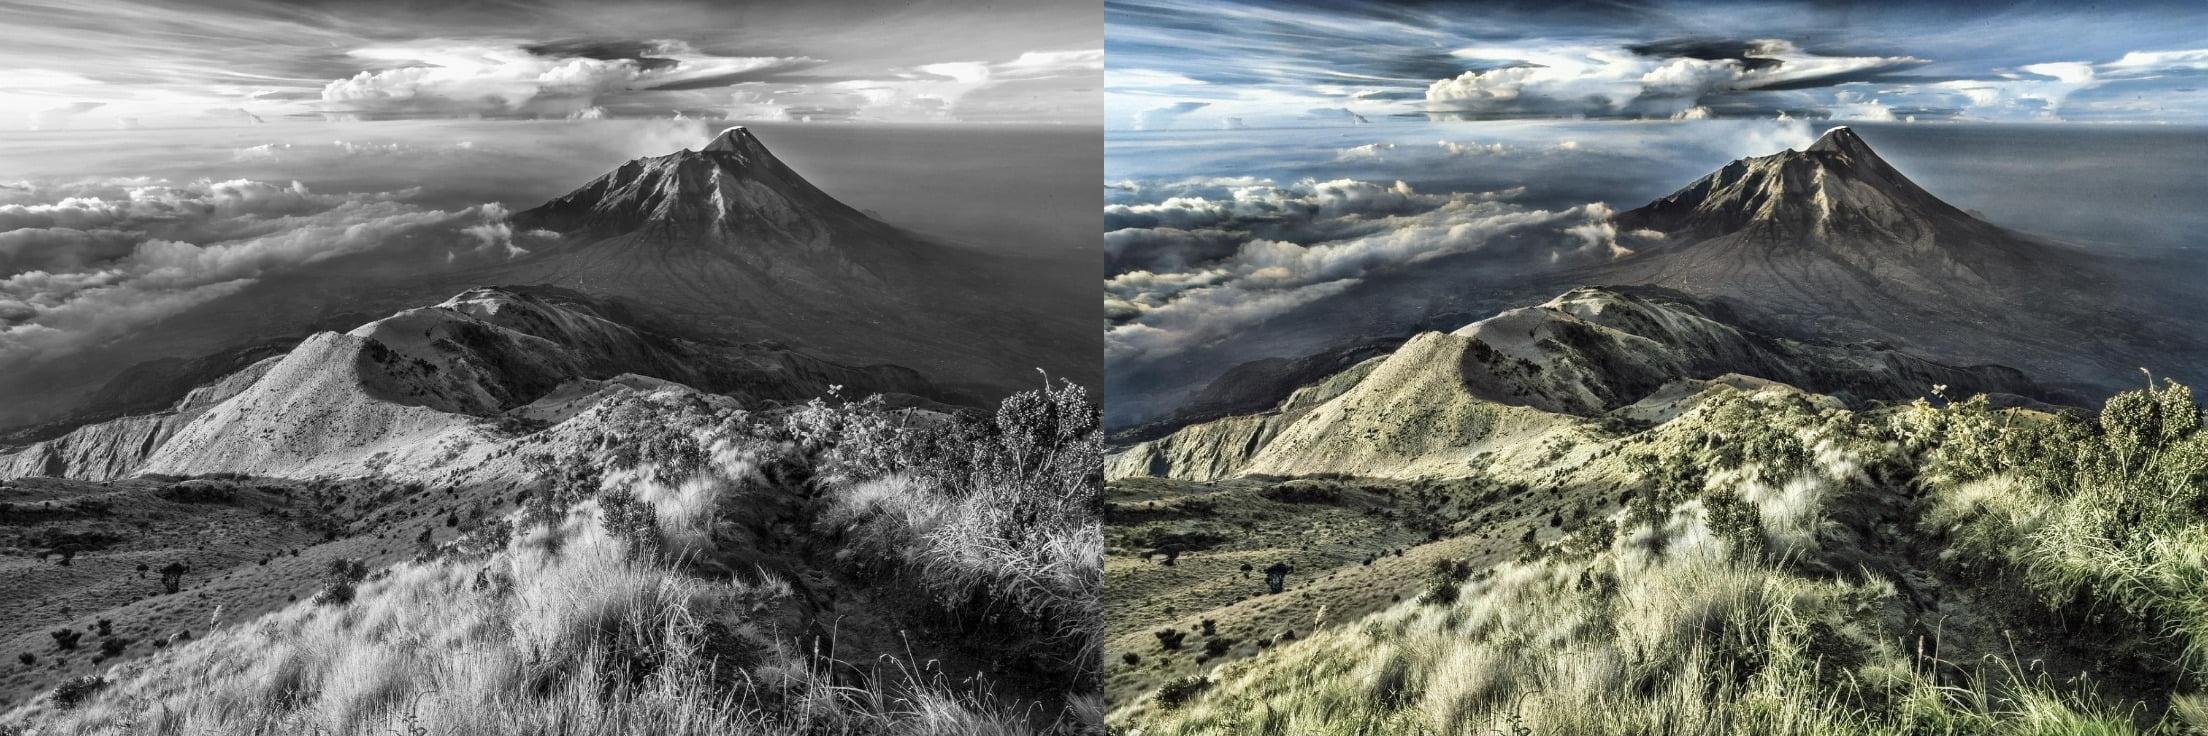 colorized-image-comparison-colouriseSG-2 ColouriseSG colorise vos photos noir et blanc grâce au deep learning